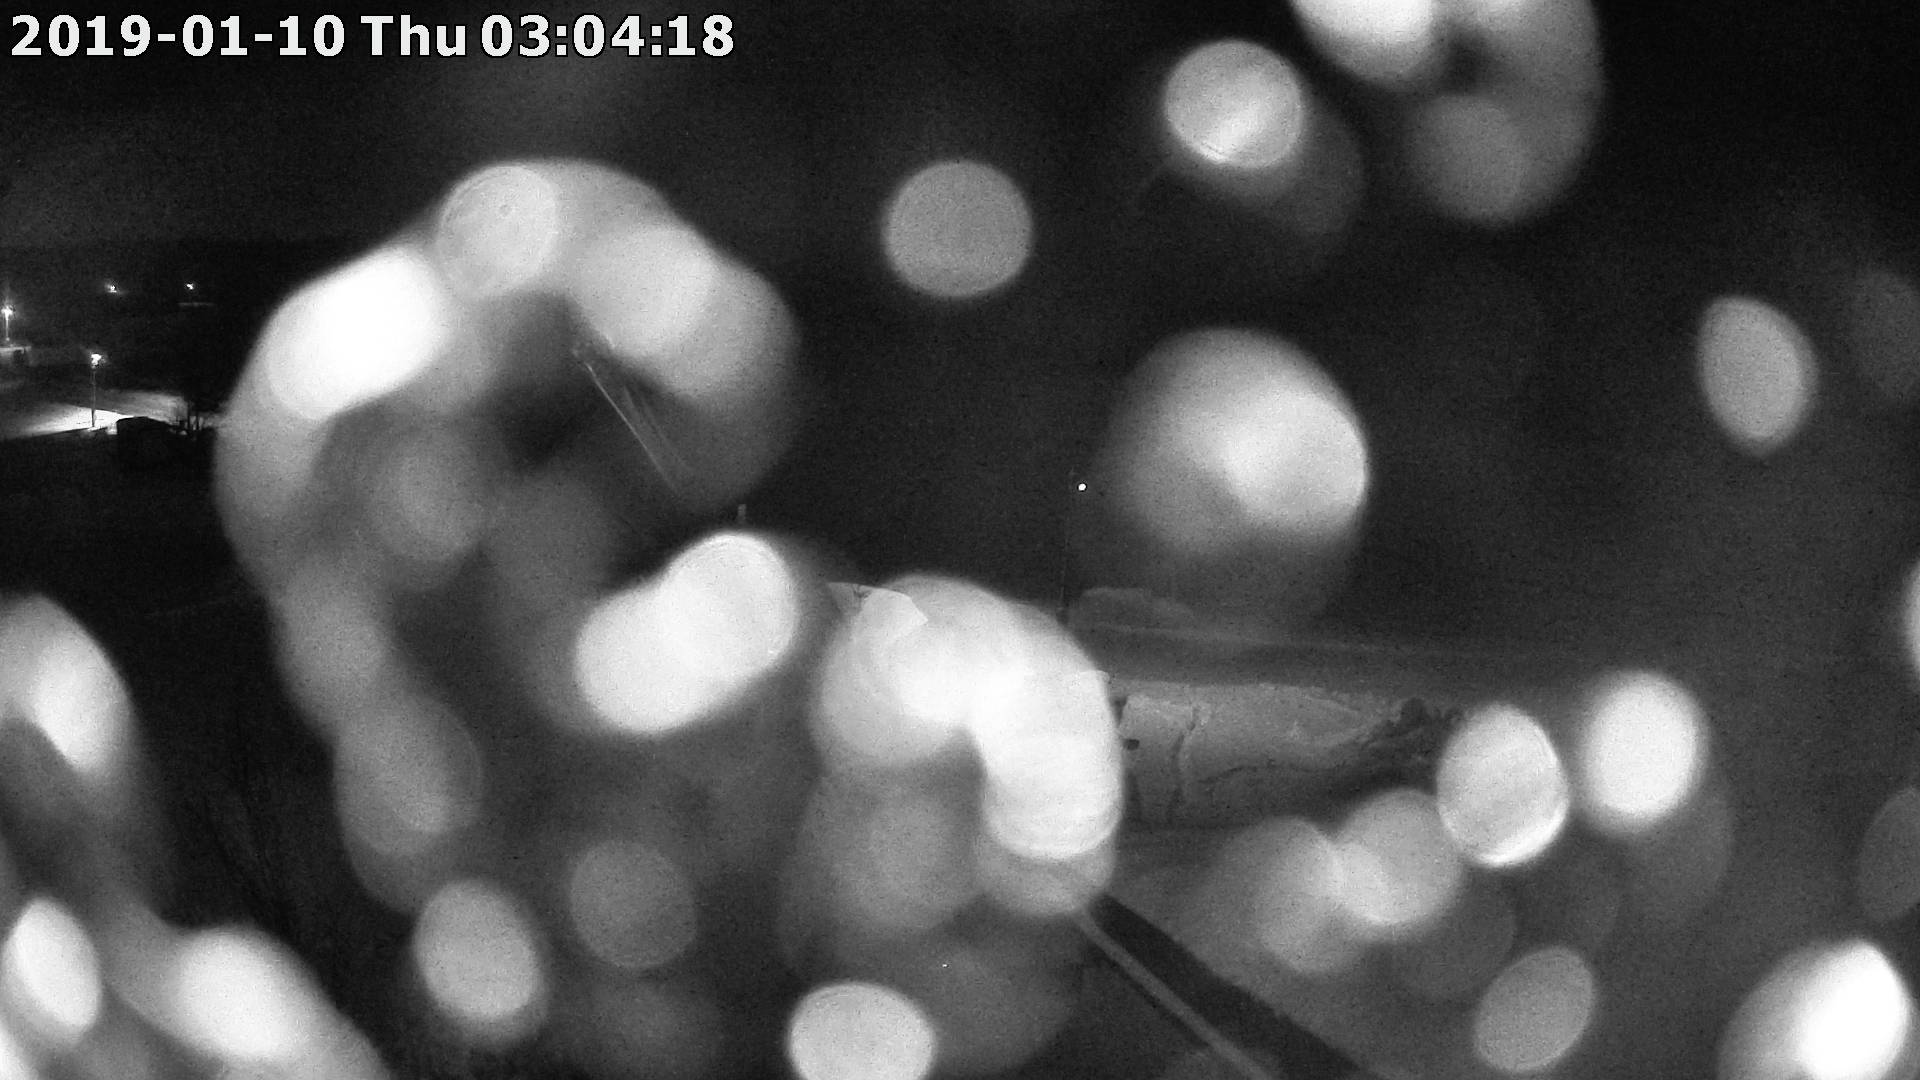 Webkamera ze dne 2019-01-10